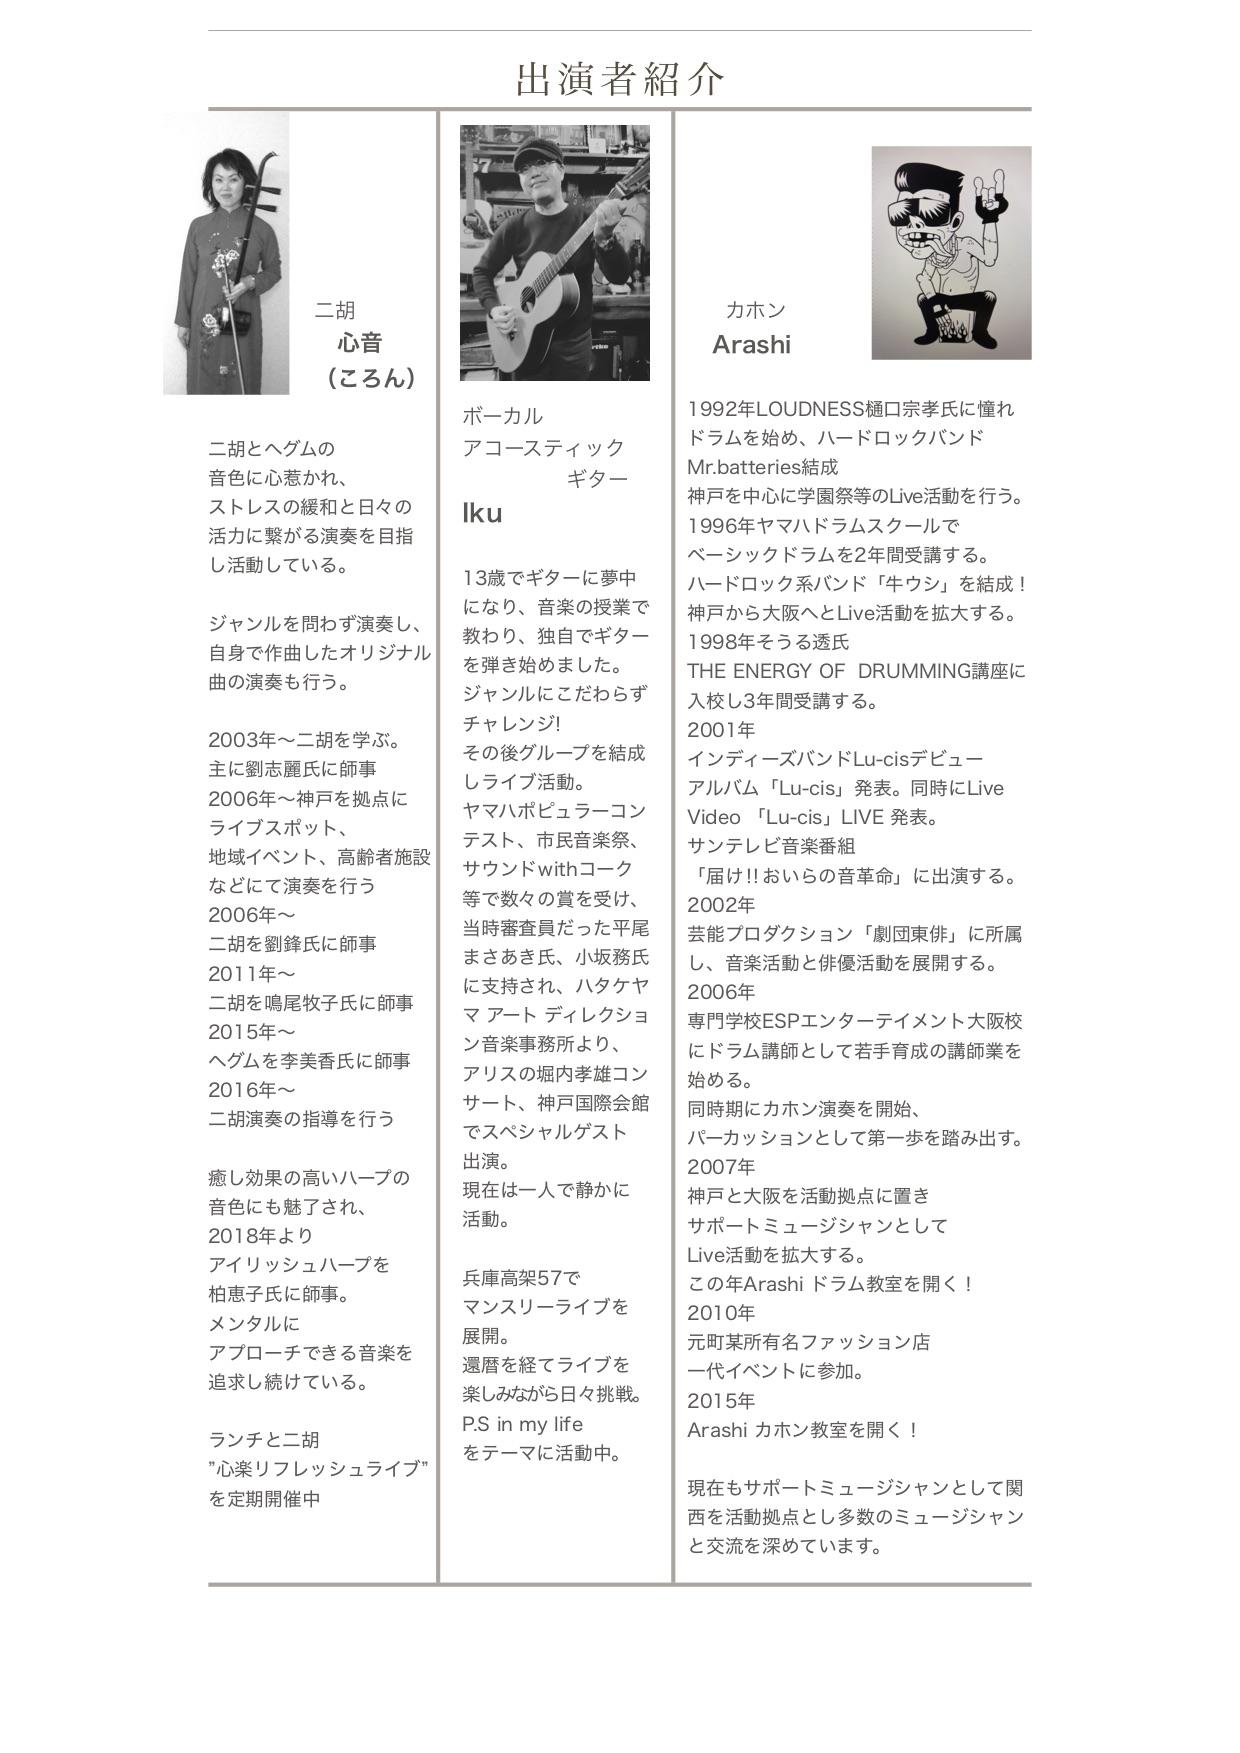 〜心楽リフレッシュ〜VoI.5  共演スペシャルVo.Gt Iku cajon Arashi 心音(ころん) 二胡  12:00オープン  全席禁煙